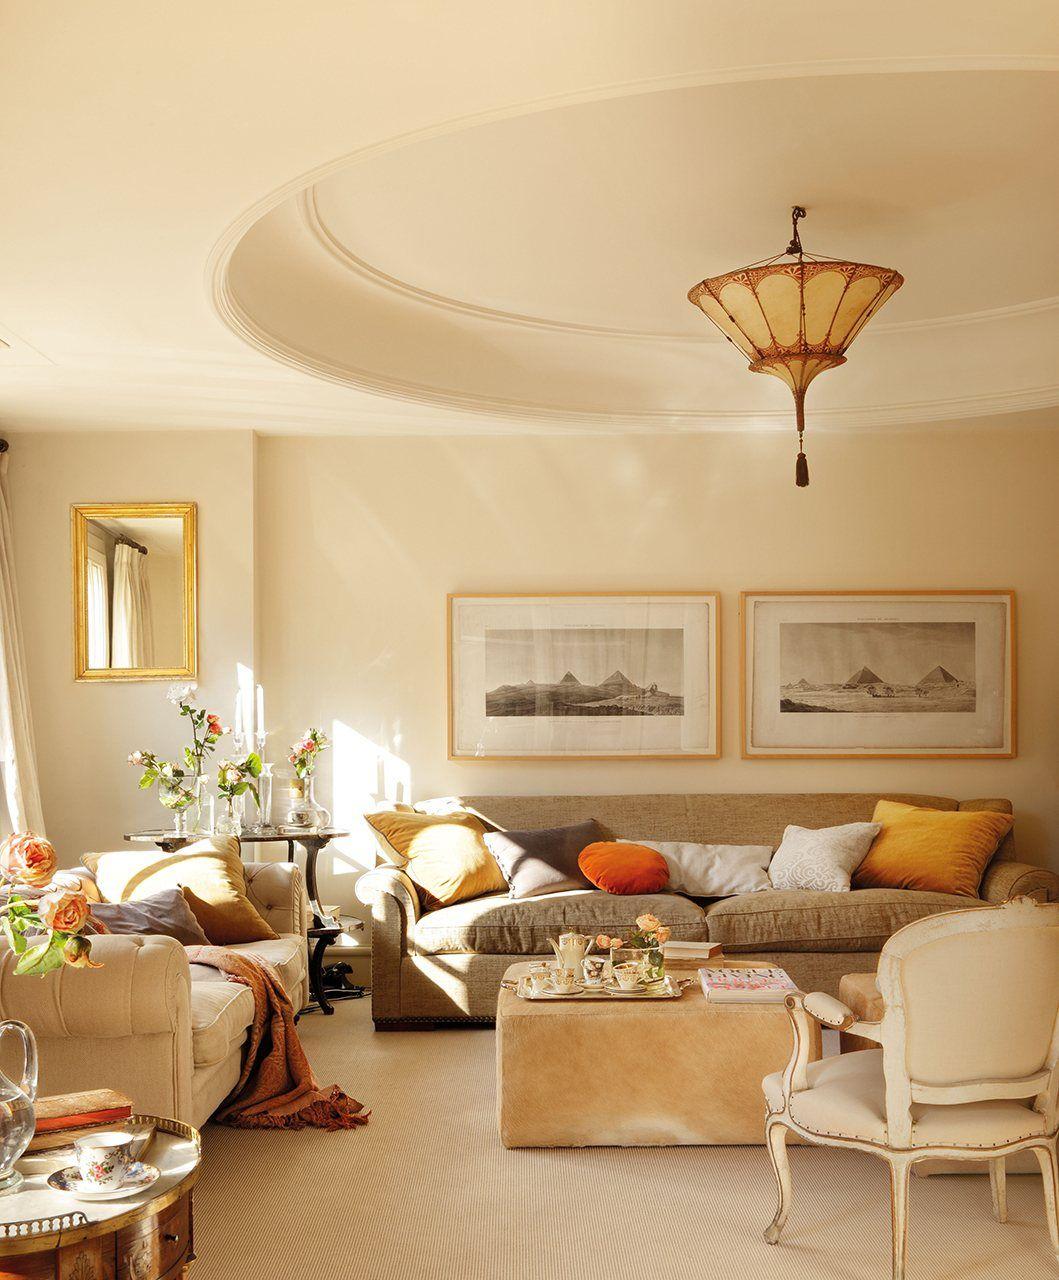 Un plus de nobleza en un piso de madrid cl sica - Decoracion interiores madrid ...